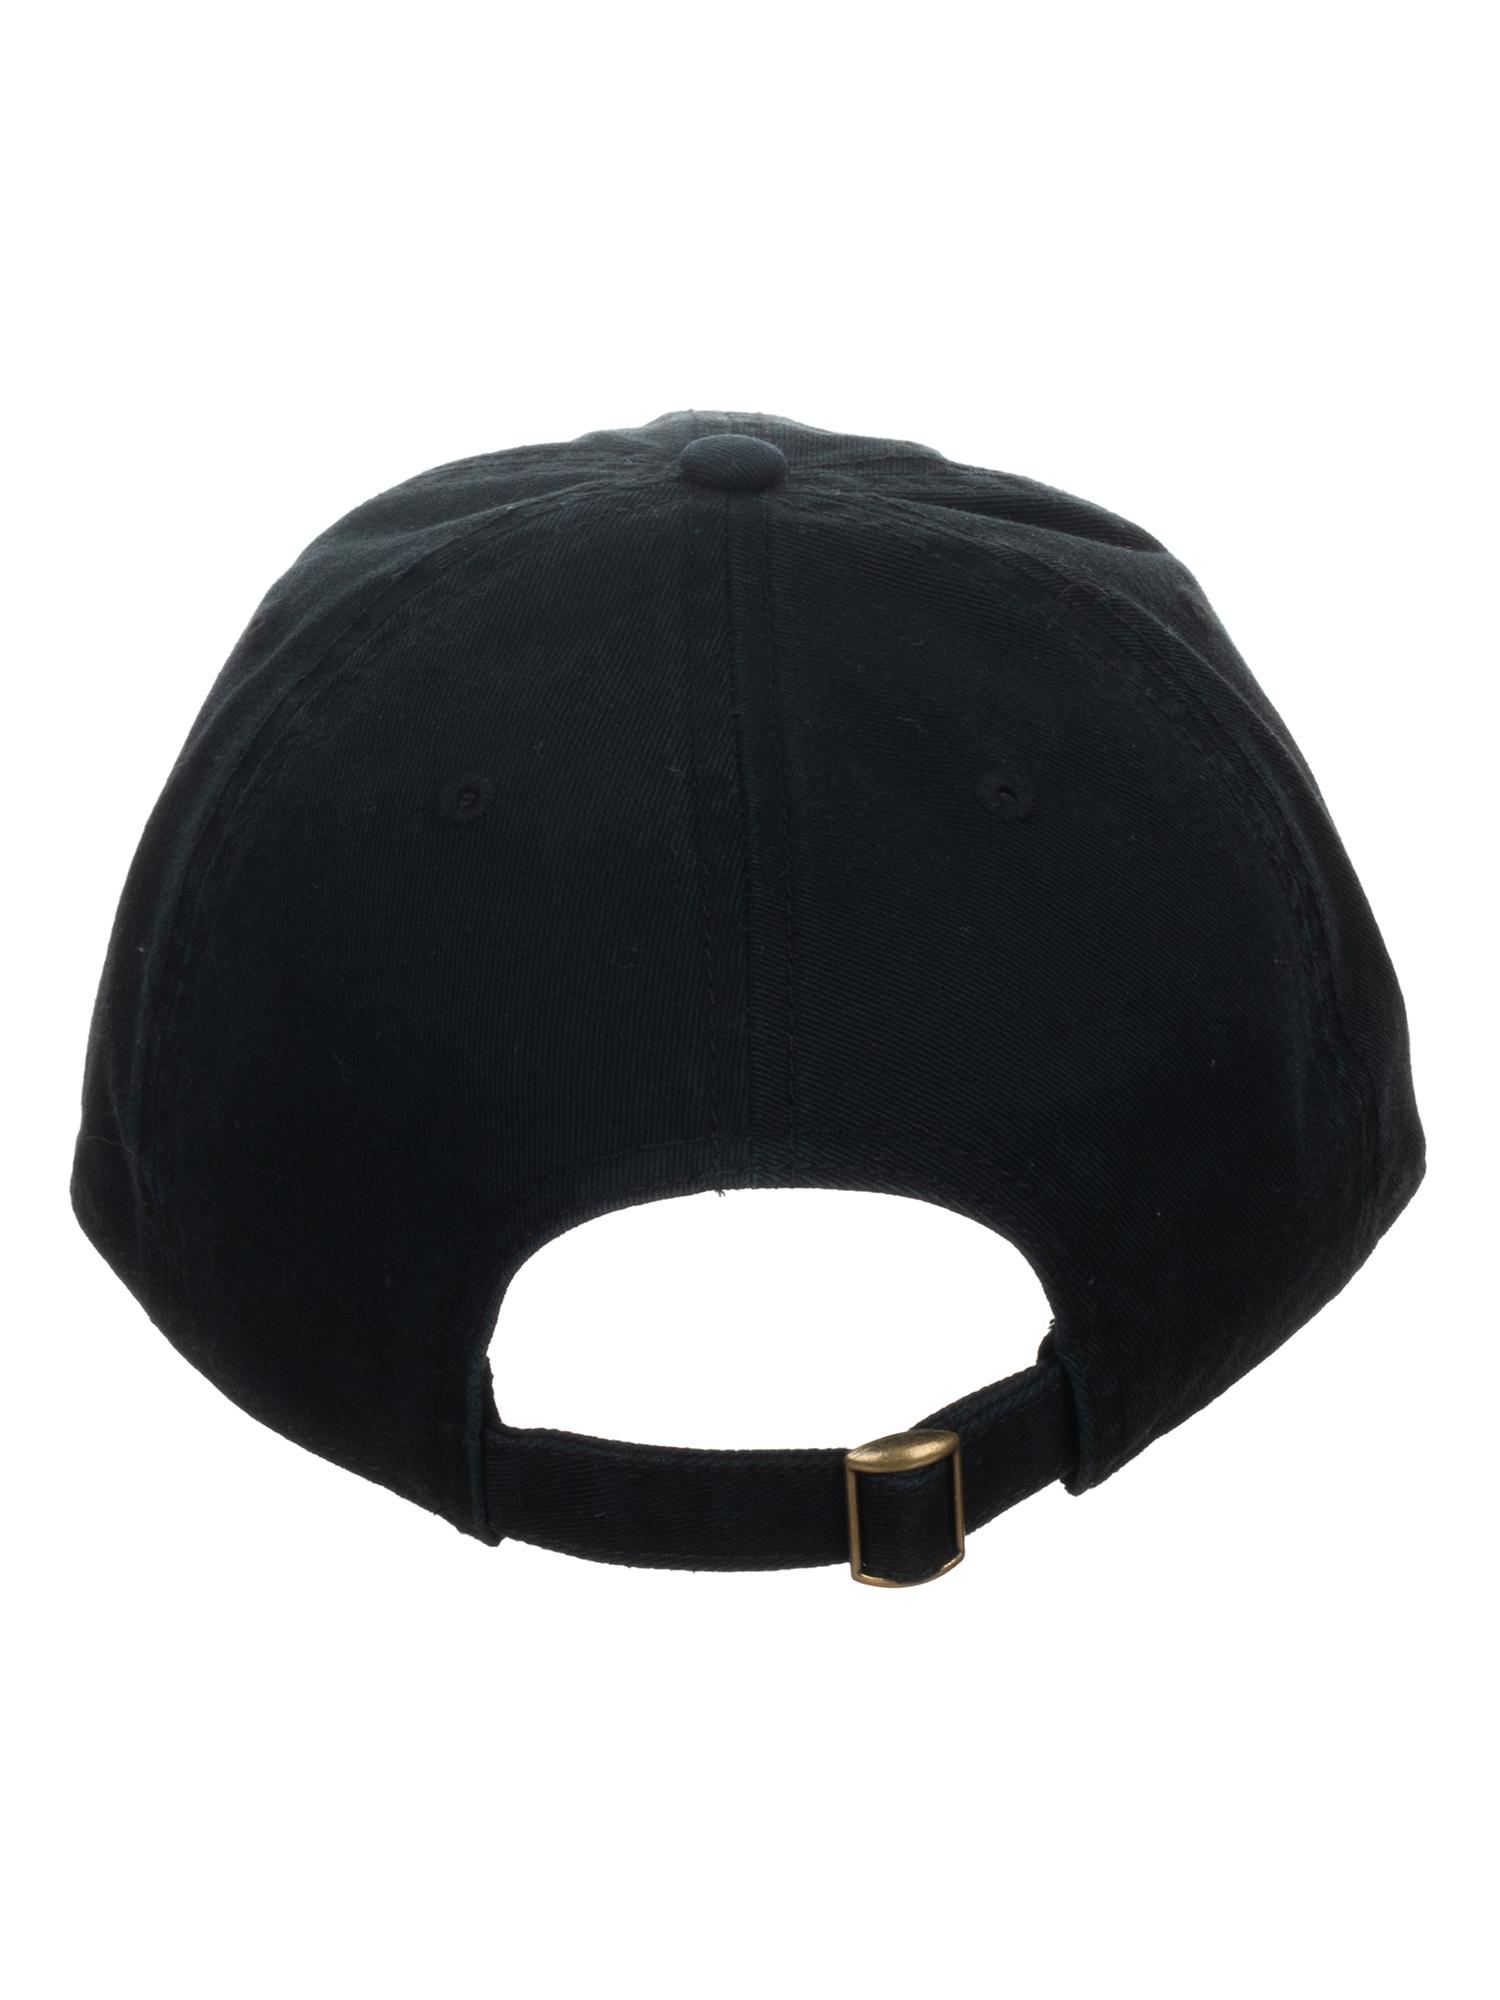 TM Baby Yoda (The Child) Black Hat 3